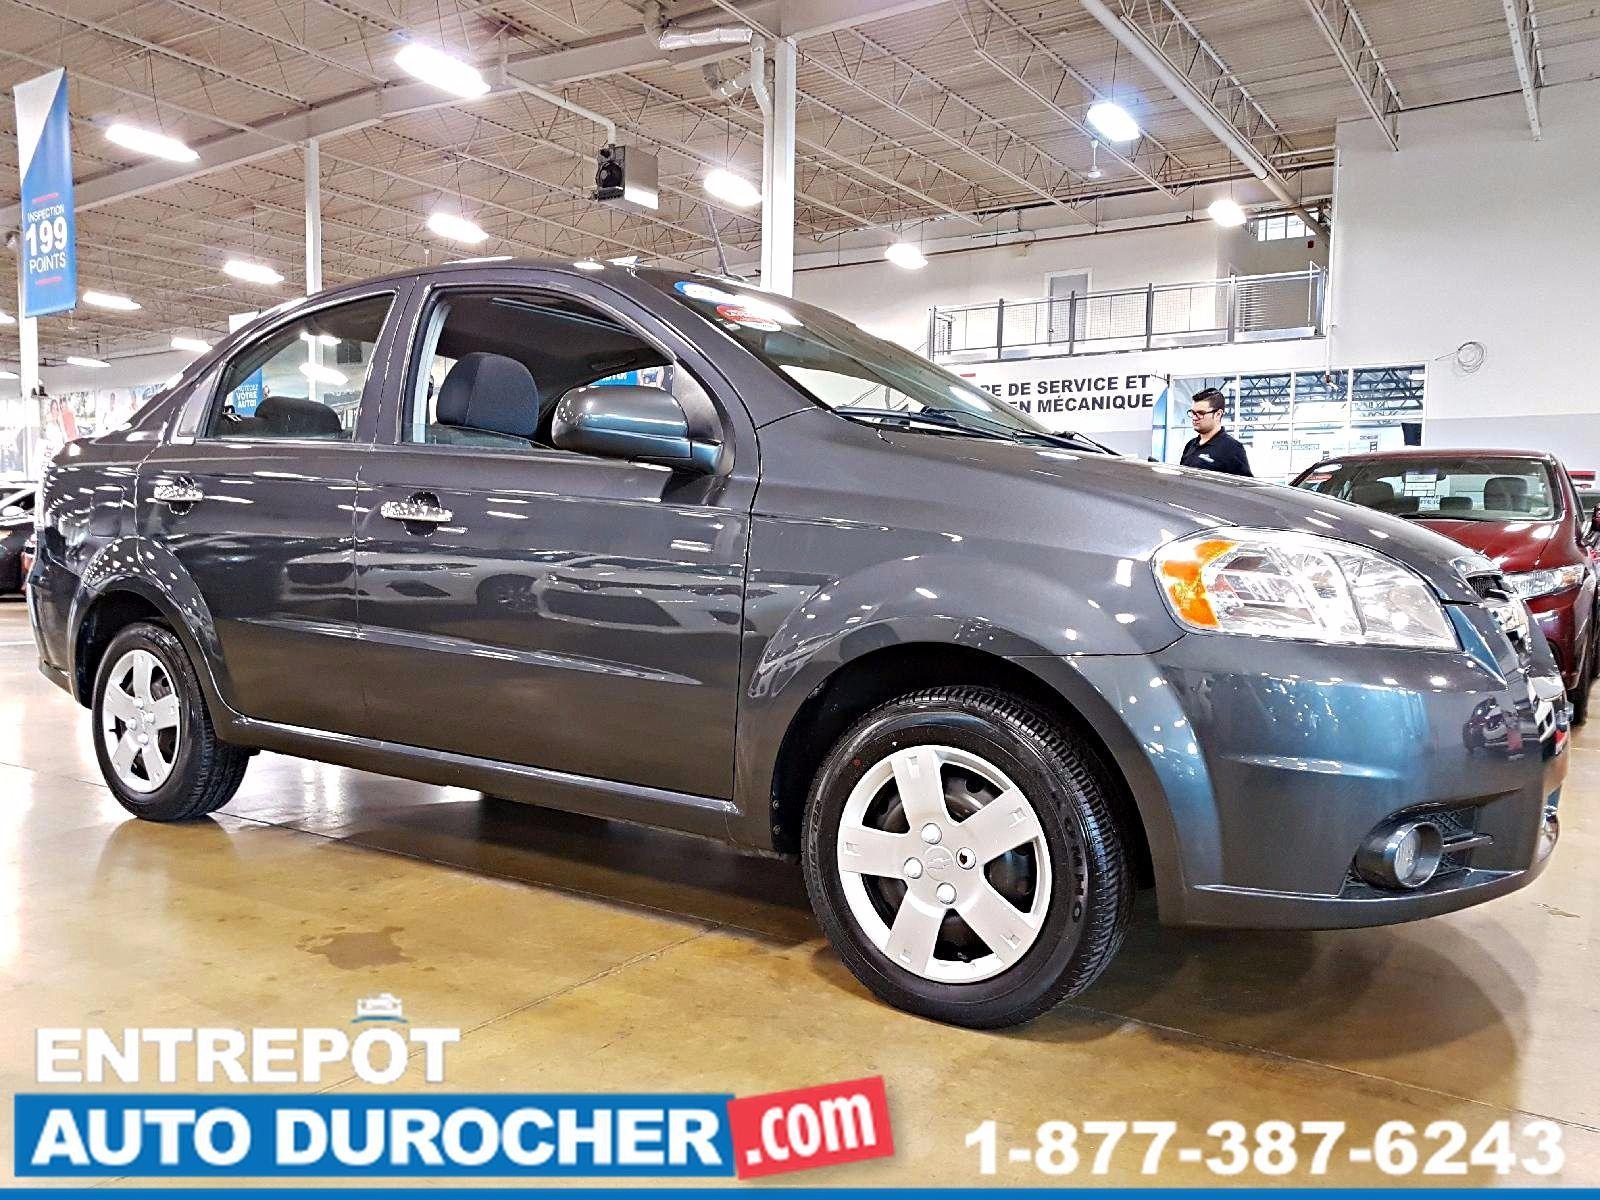 Chevrolet Aveo LT - AUTOMATIQUE - AIR CLIMATISÉ - TOIT OUVRANT 2011